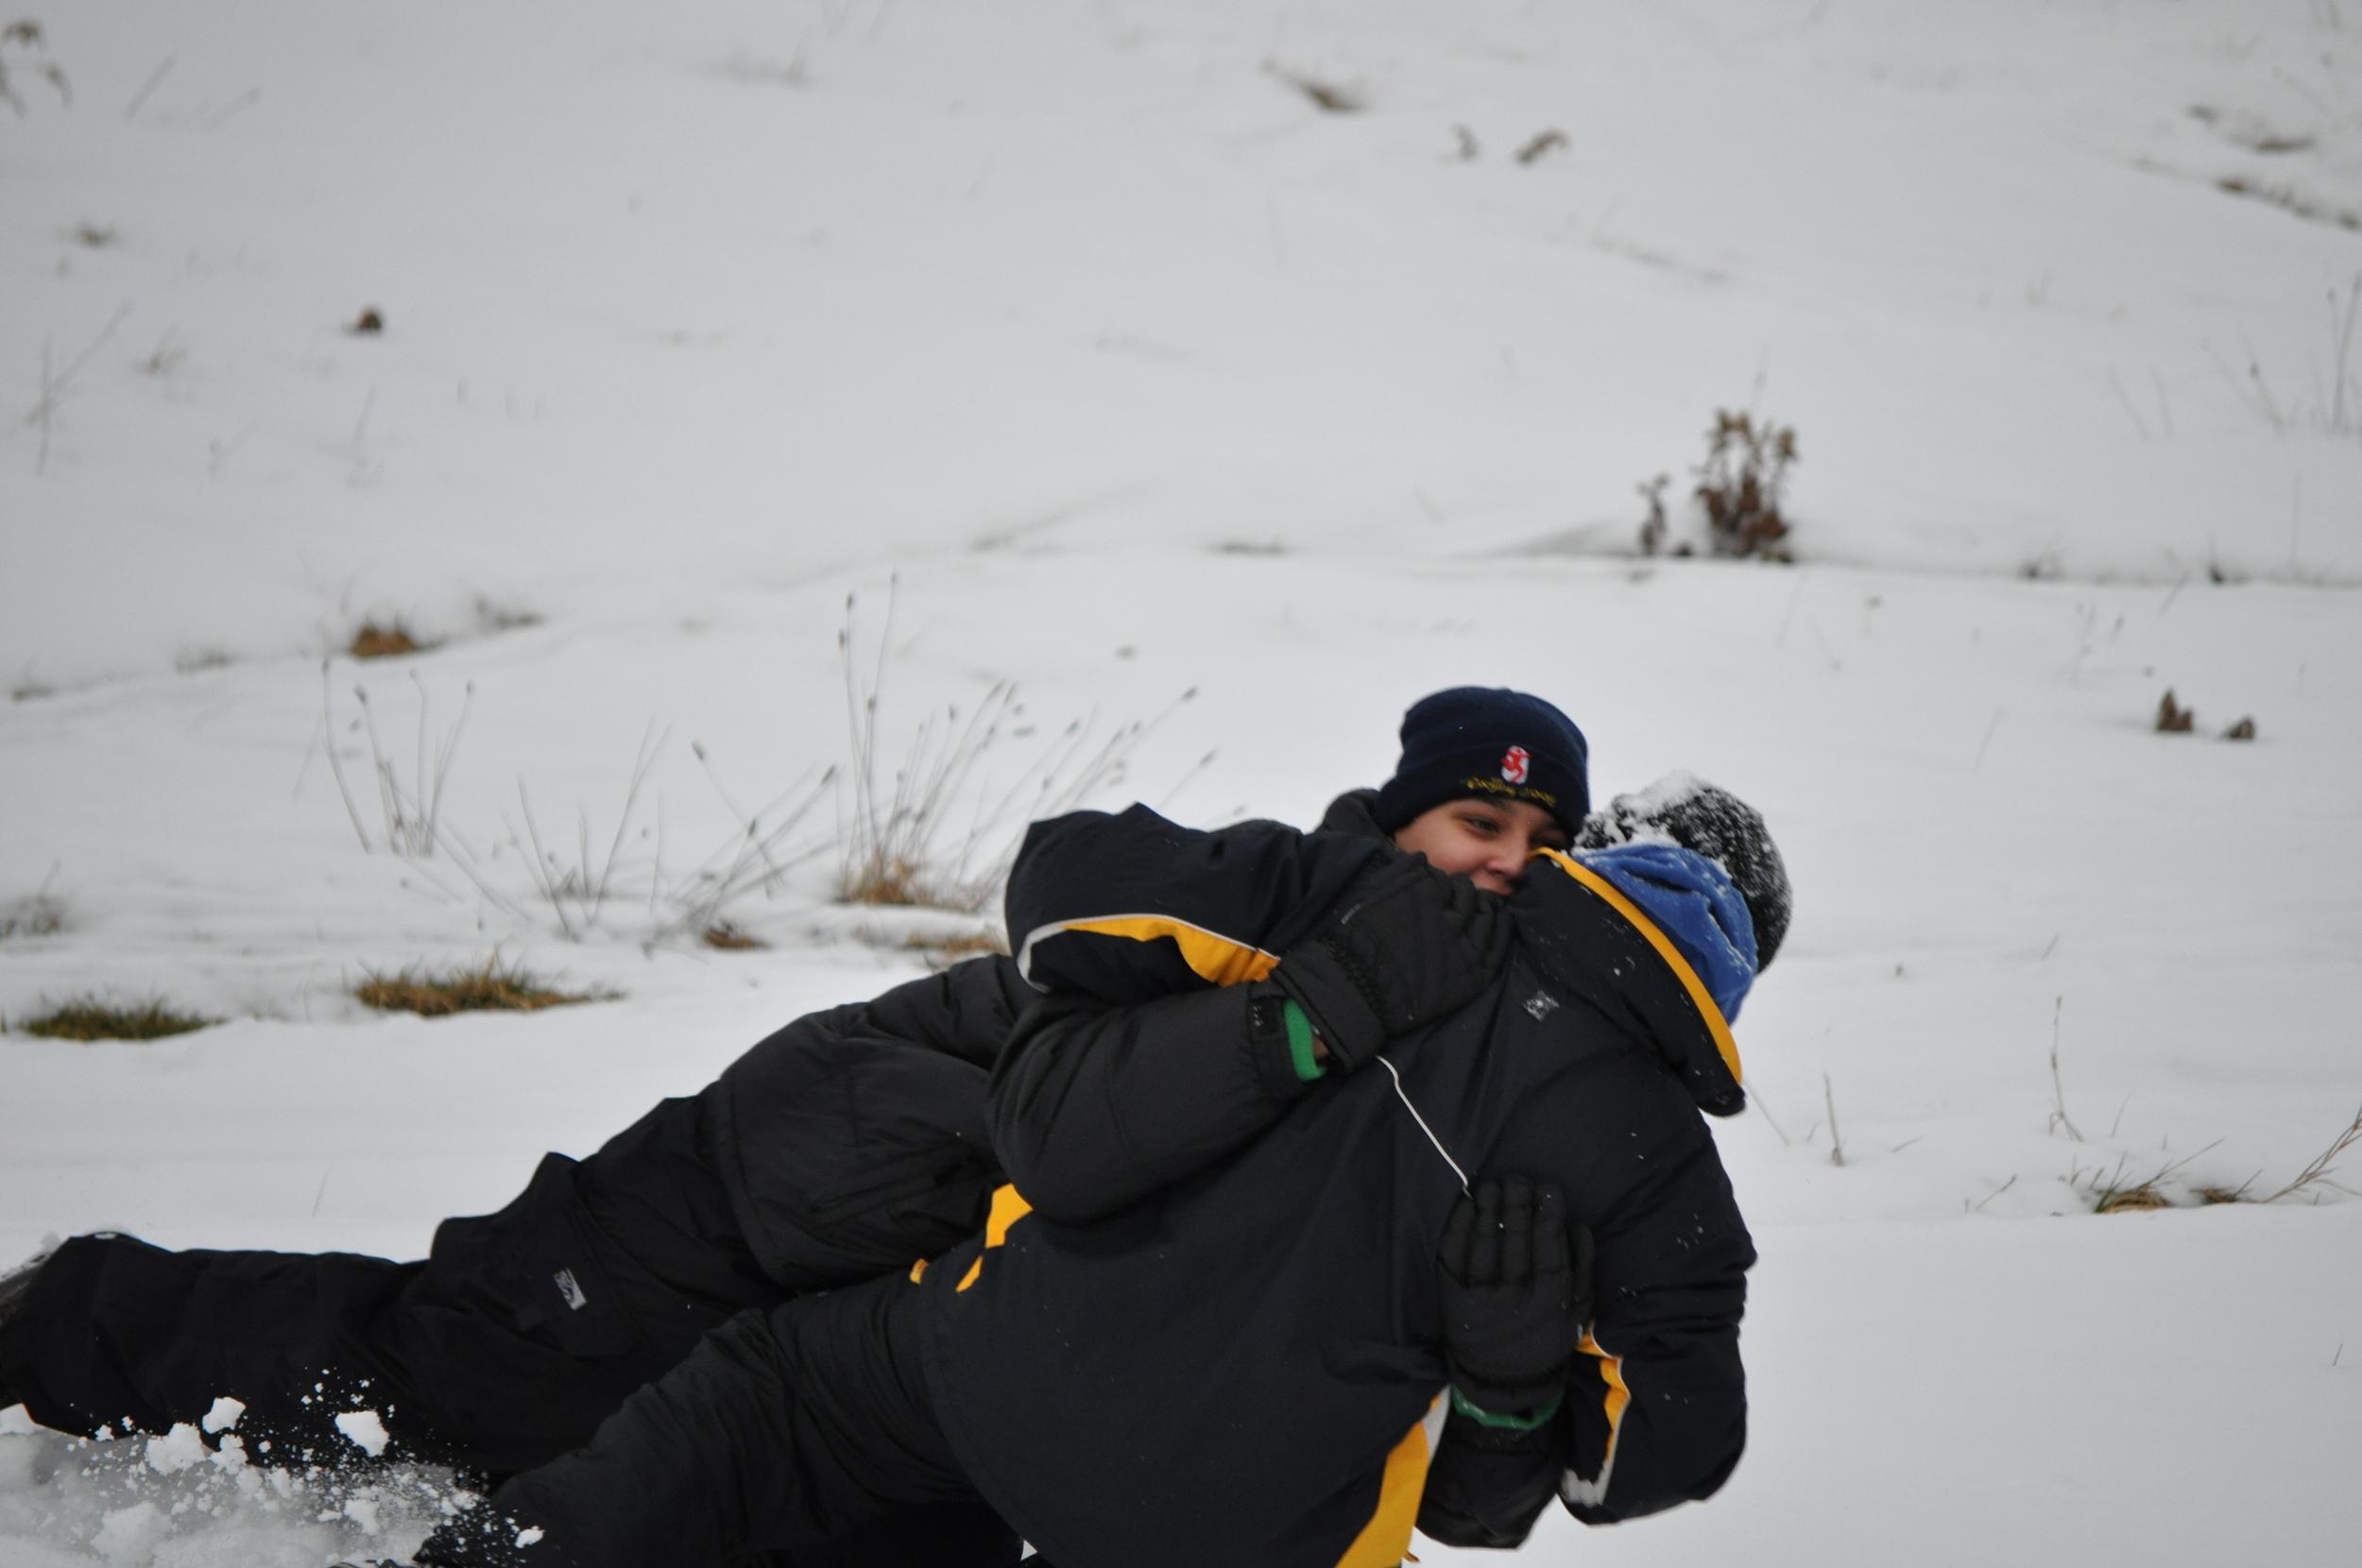 ¡Qué mejor lugar para jugar de mano que en la nieve! Foto: Pamy Rojas